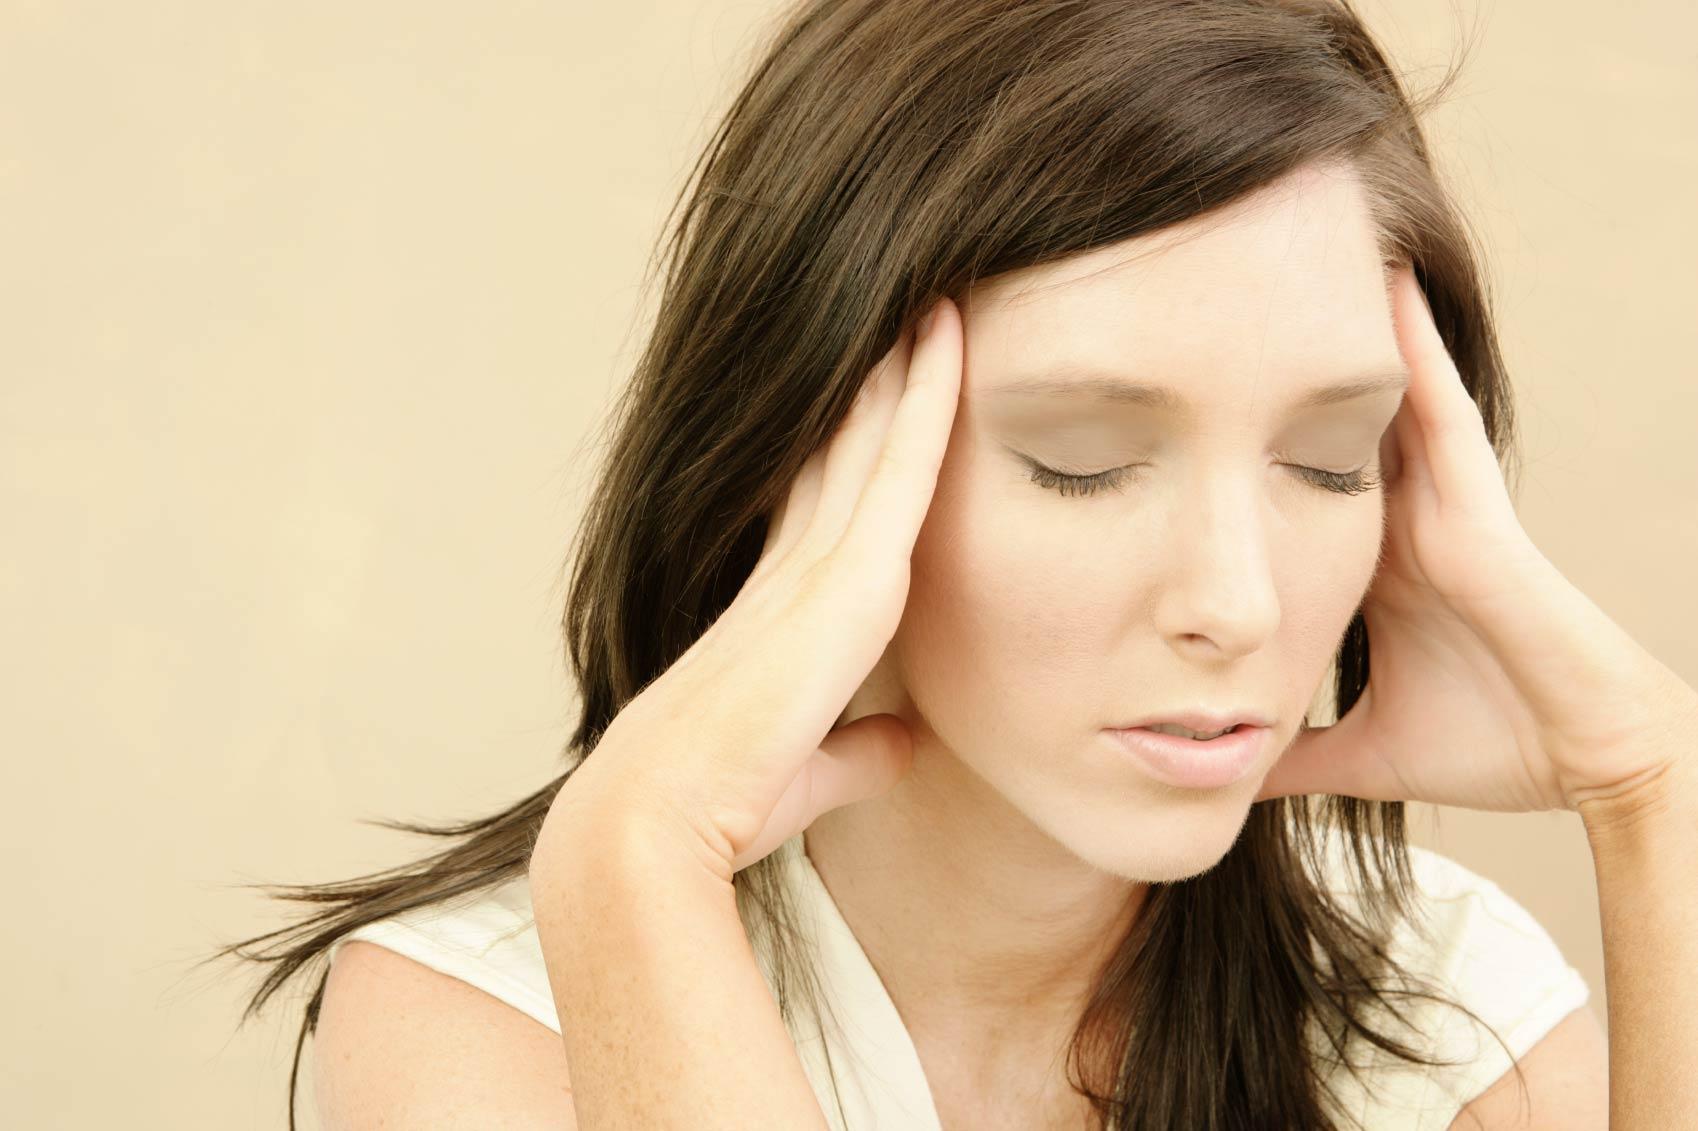 Вегето-сосудистая дистония (ВСД) при беременности ...